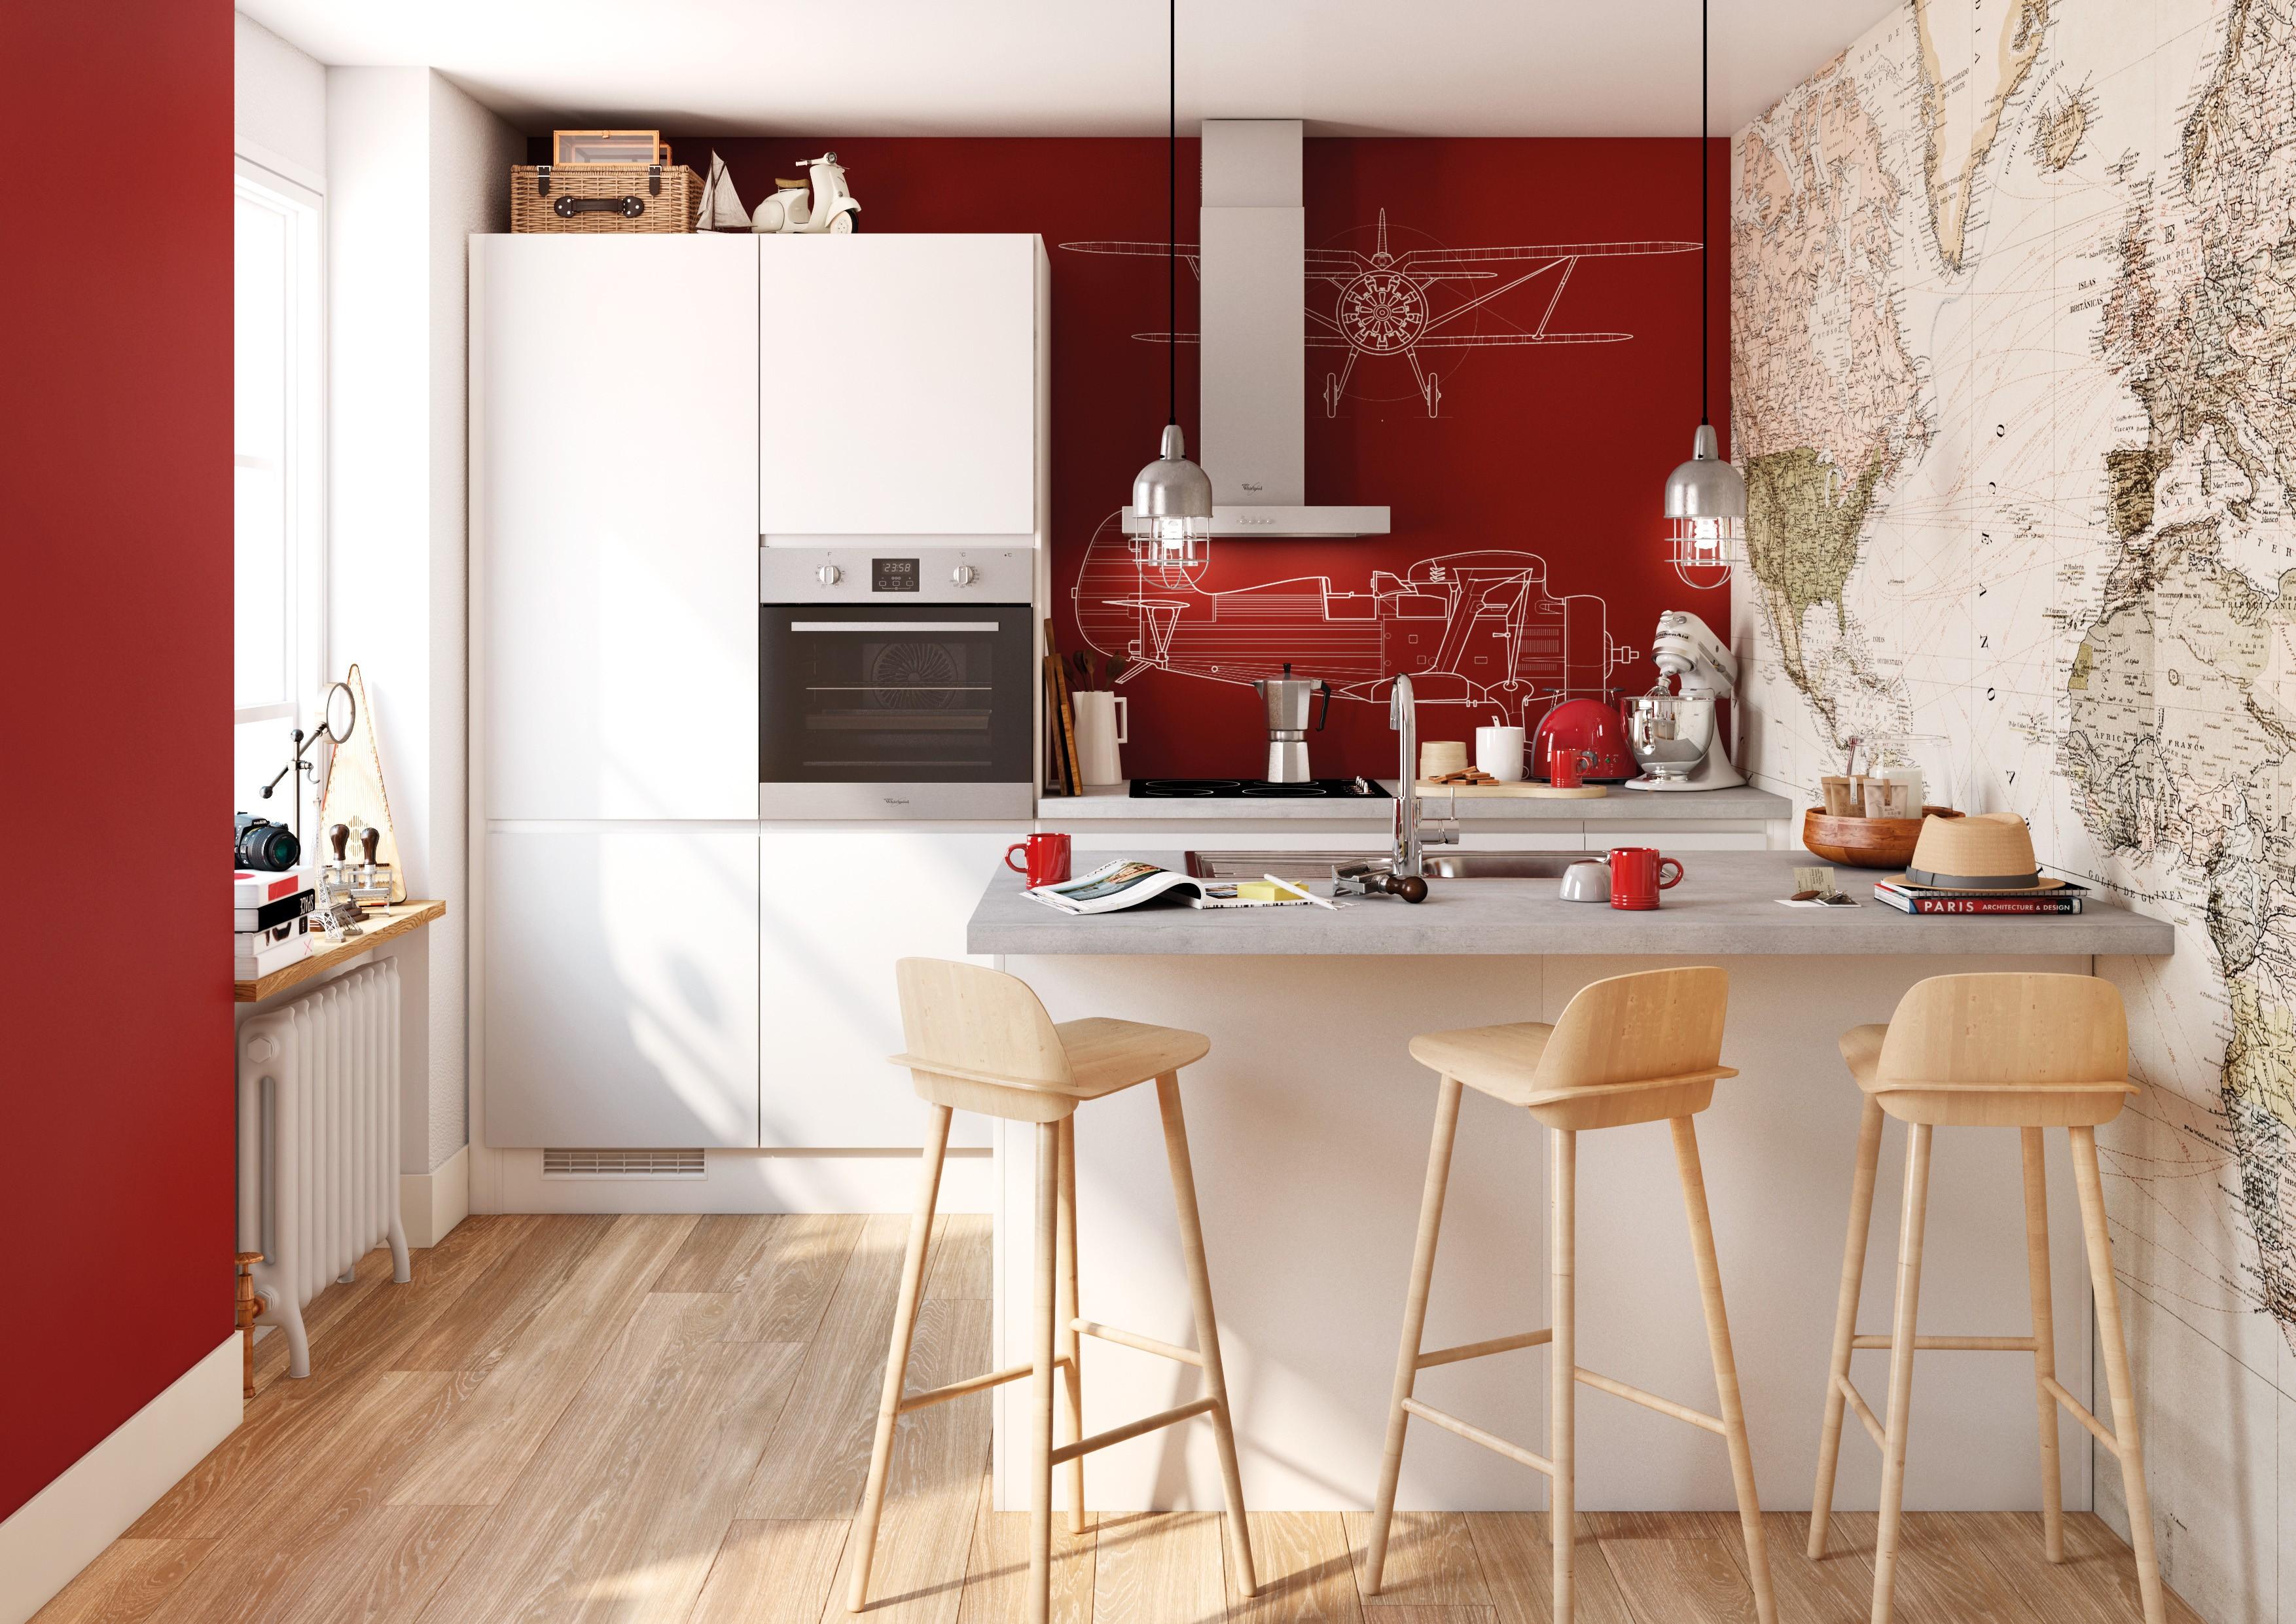 Cuisine mr bricolage cuisine amenagement ameublement for Armoire de cuisine verdun